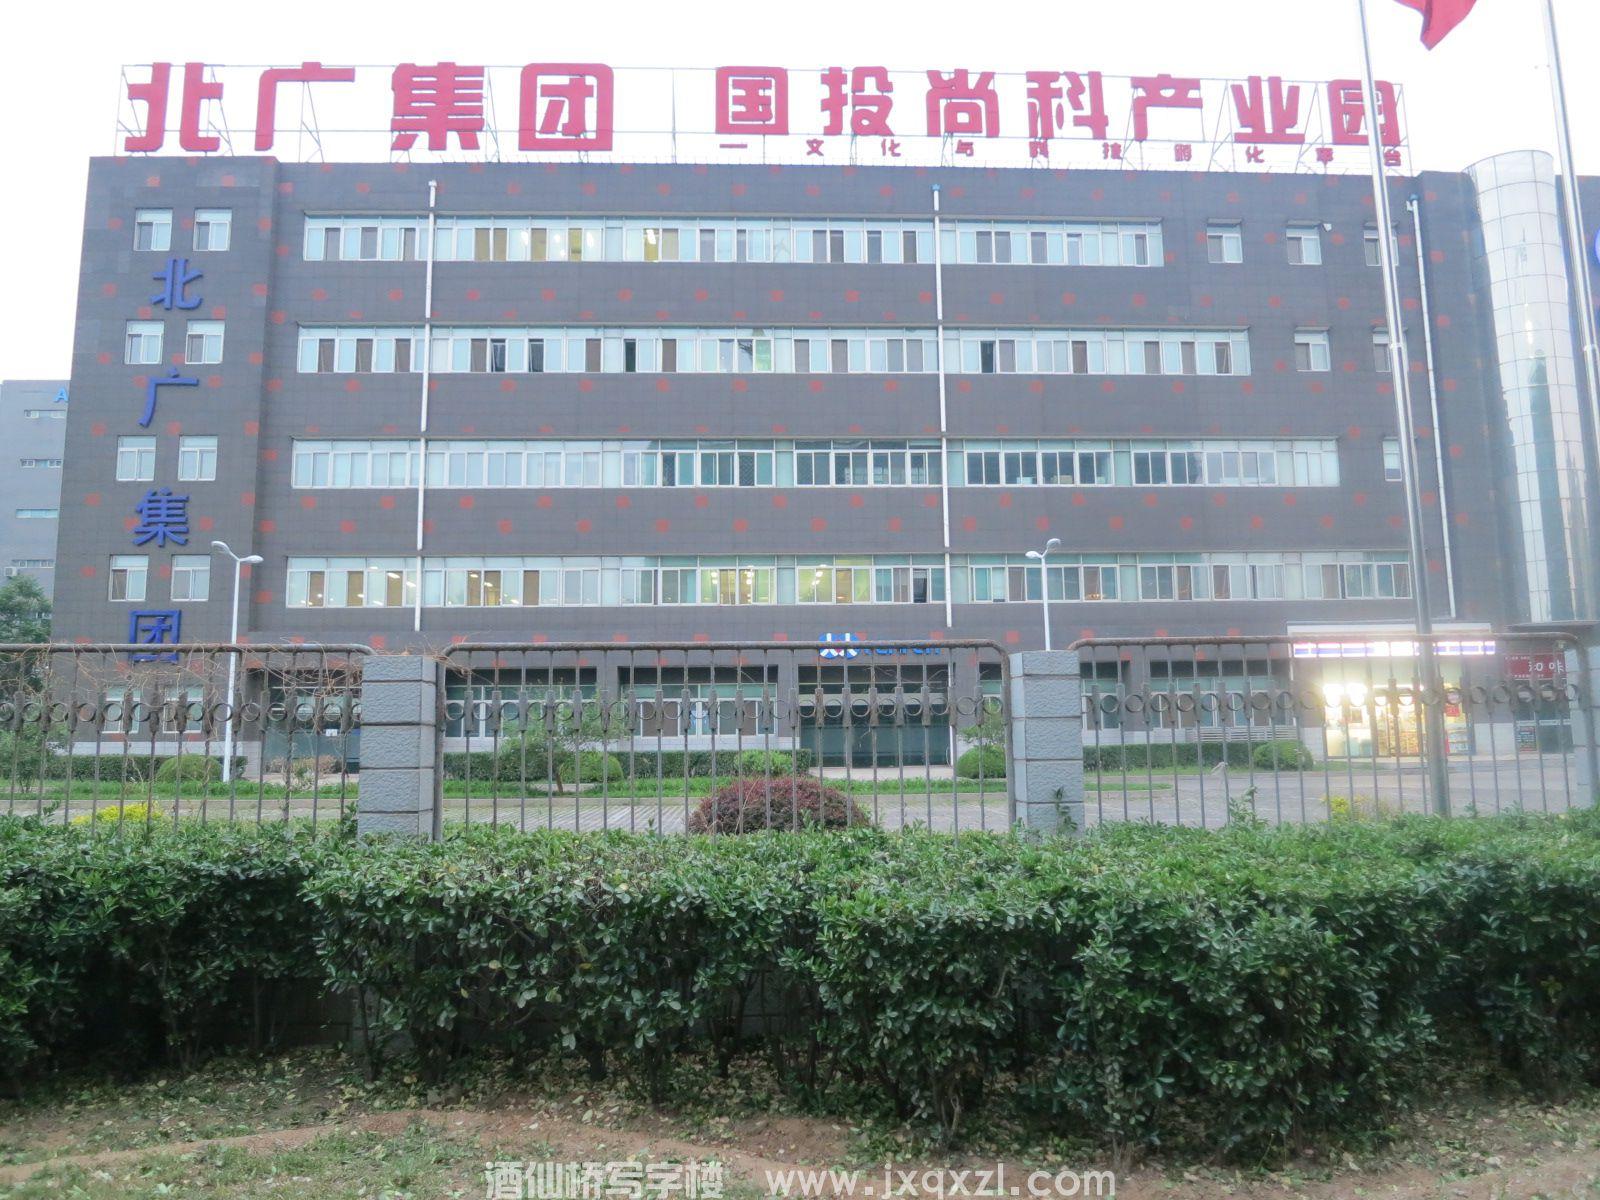 尚科办公社区(北广科技园项目)